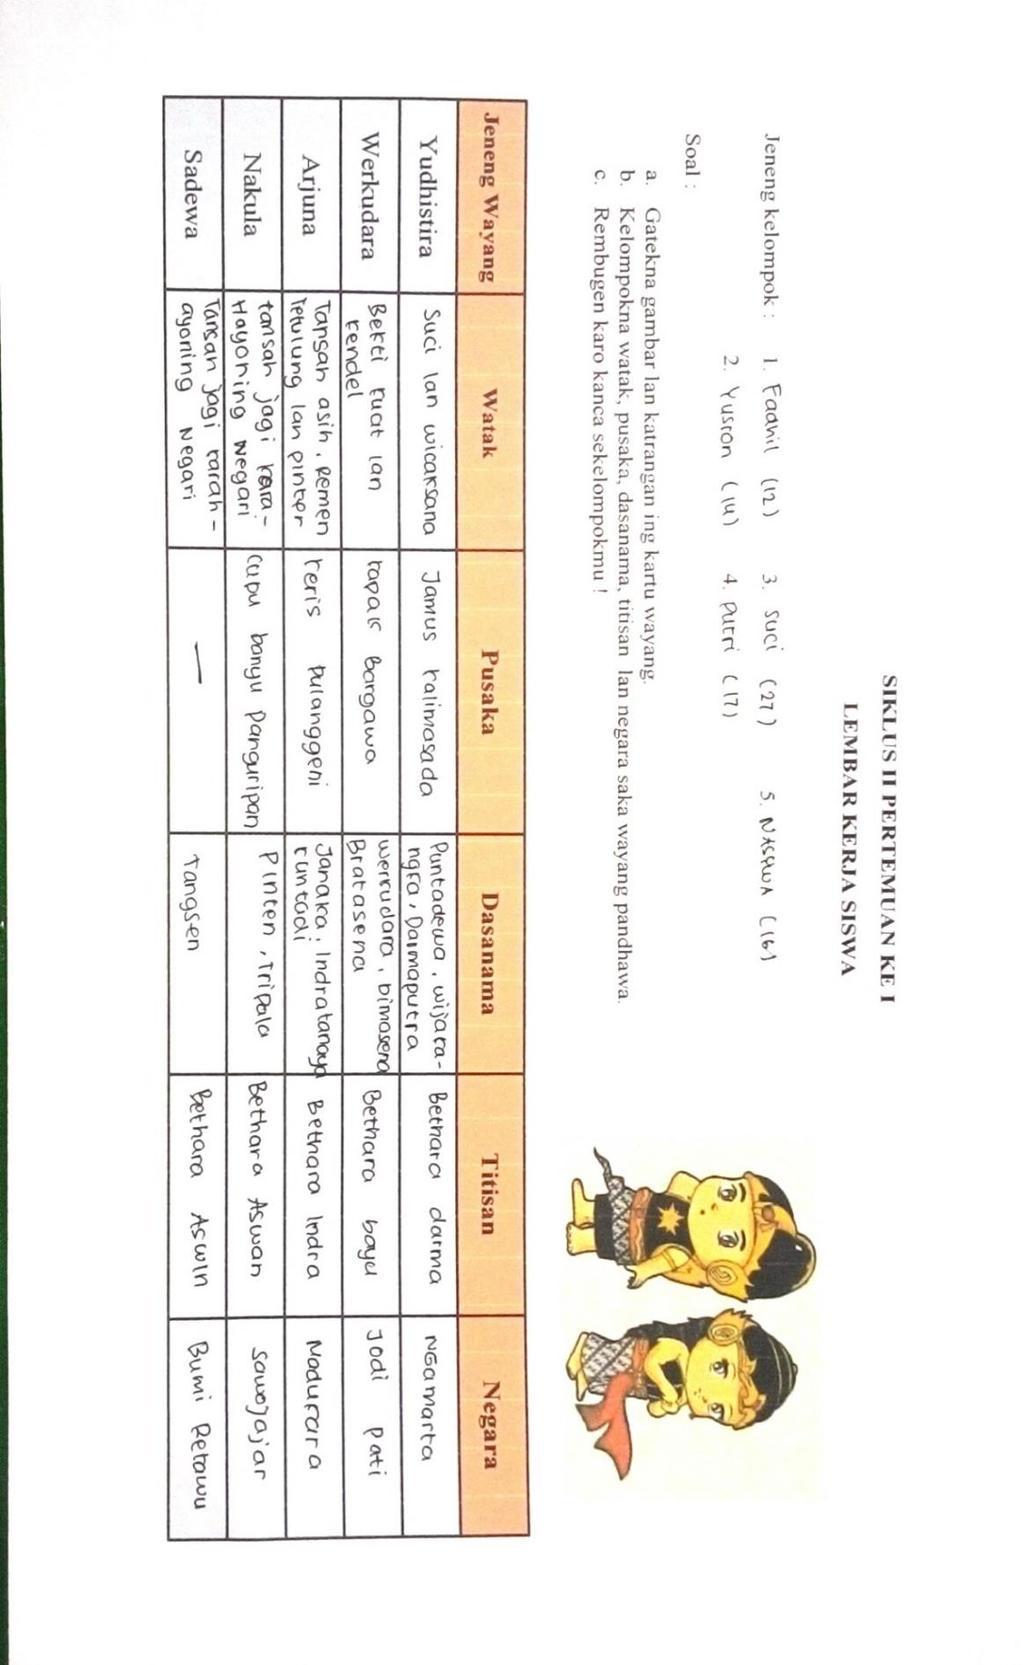 Memiliki nama kecil bima dan anak dari perkawinan prabu pandu dan. Upaya Meningkatkan Hasil Belajar Bahasa Jawa Materi Wayang Dengan Media Kartu Kata Bergambar Wayang Di Kelas Iv Sd Negeri Glagah Skripsi Pdf Free Download